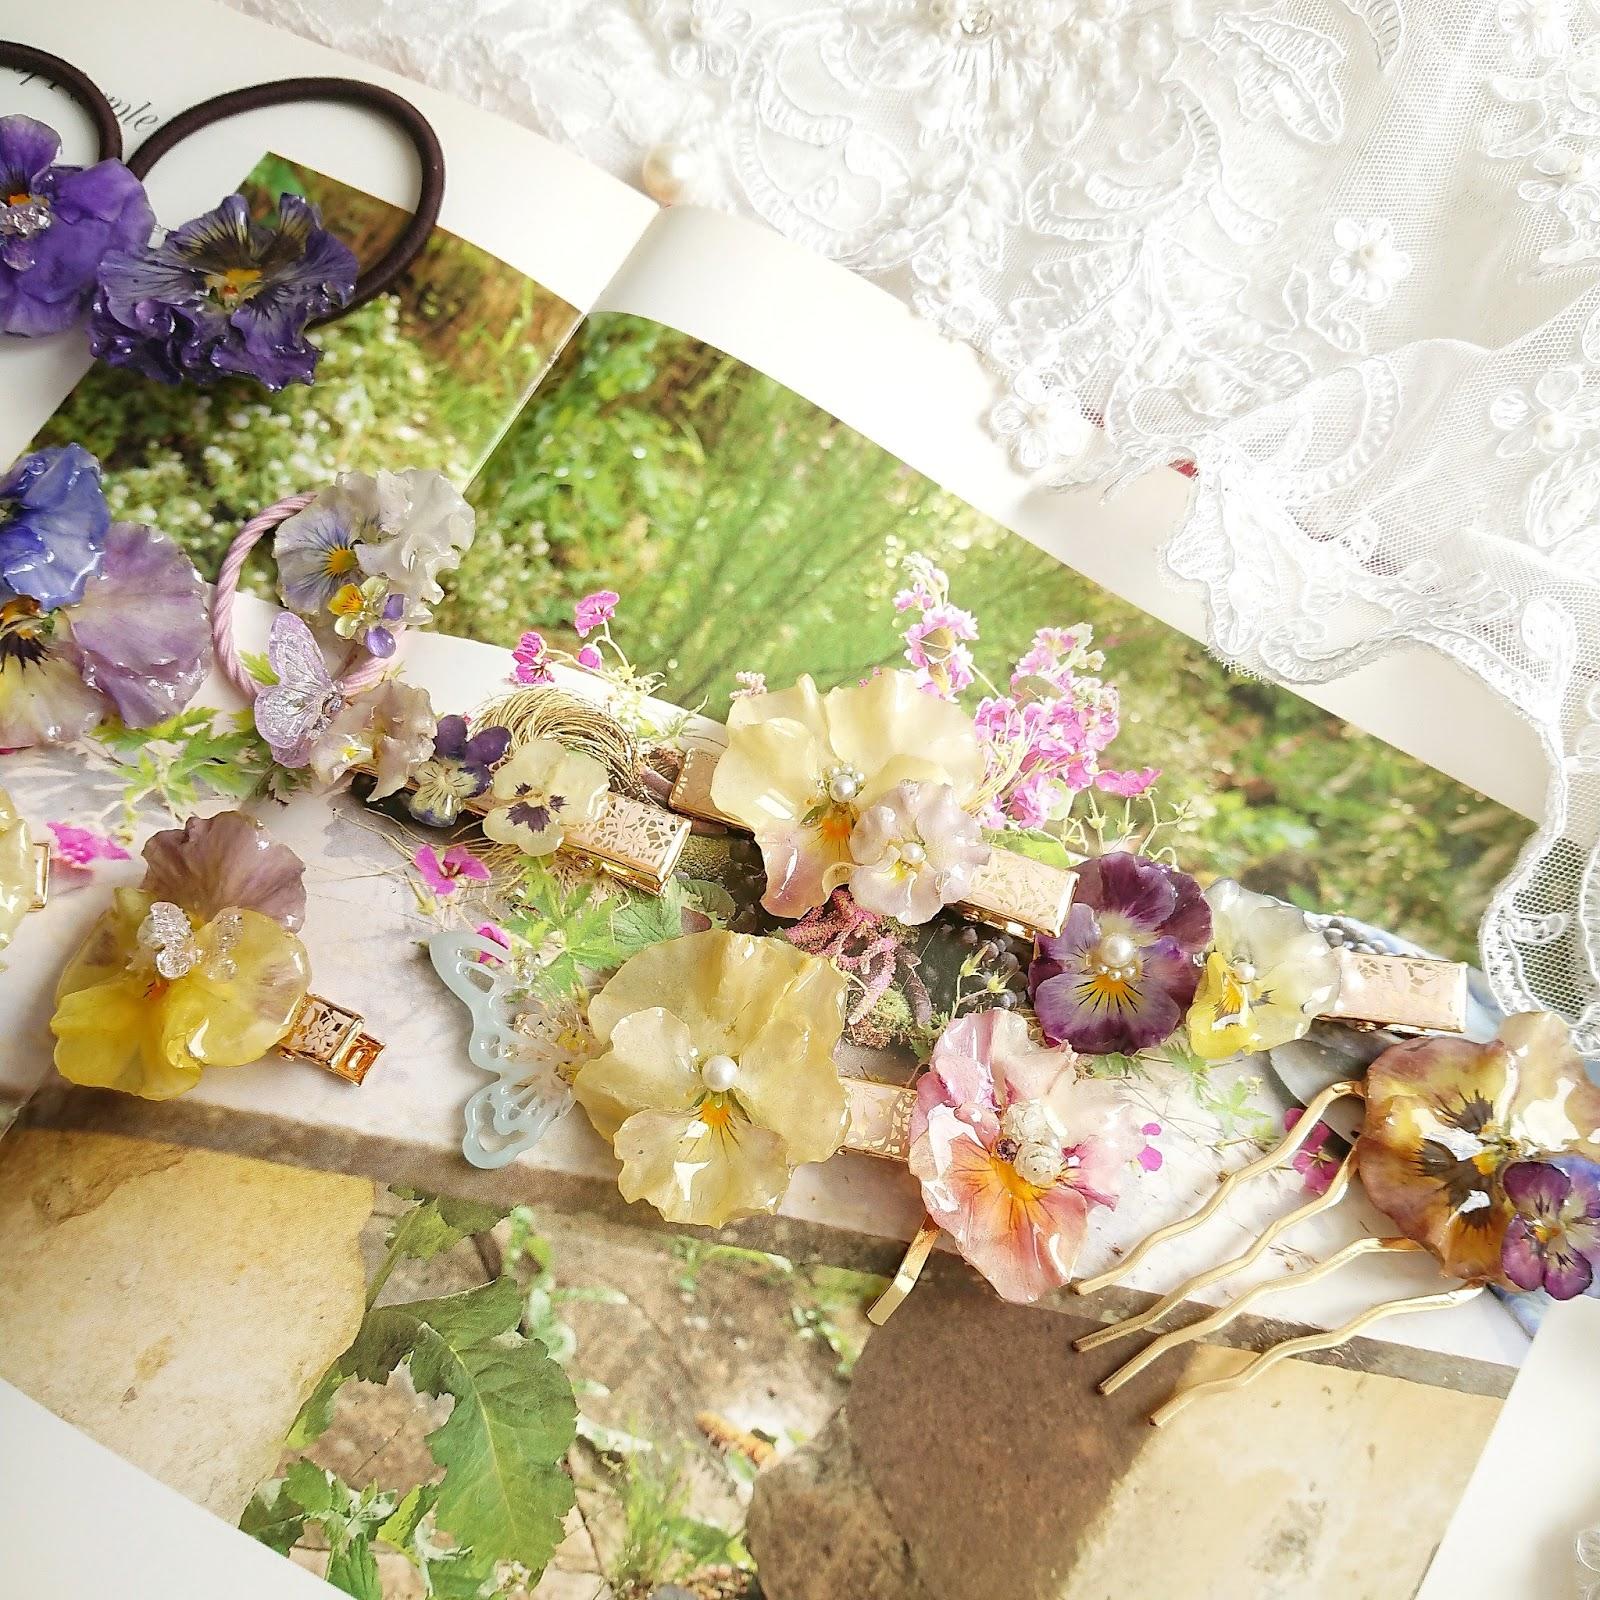 お花のアクセサリーを並べた様子